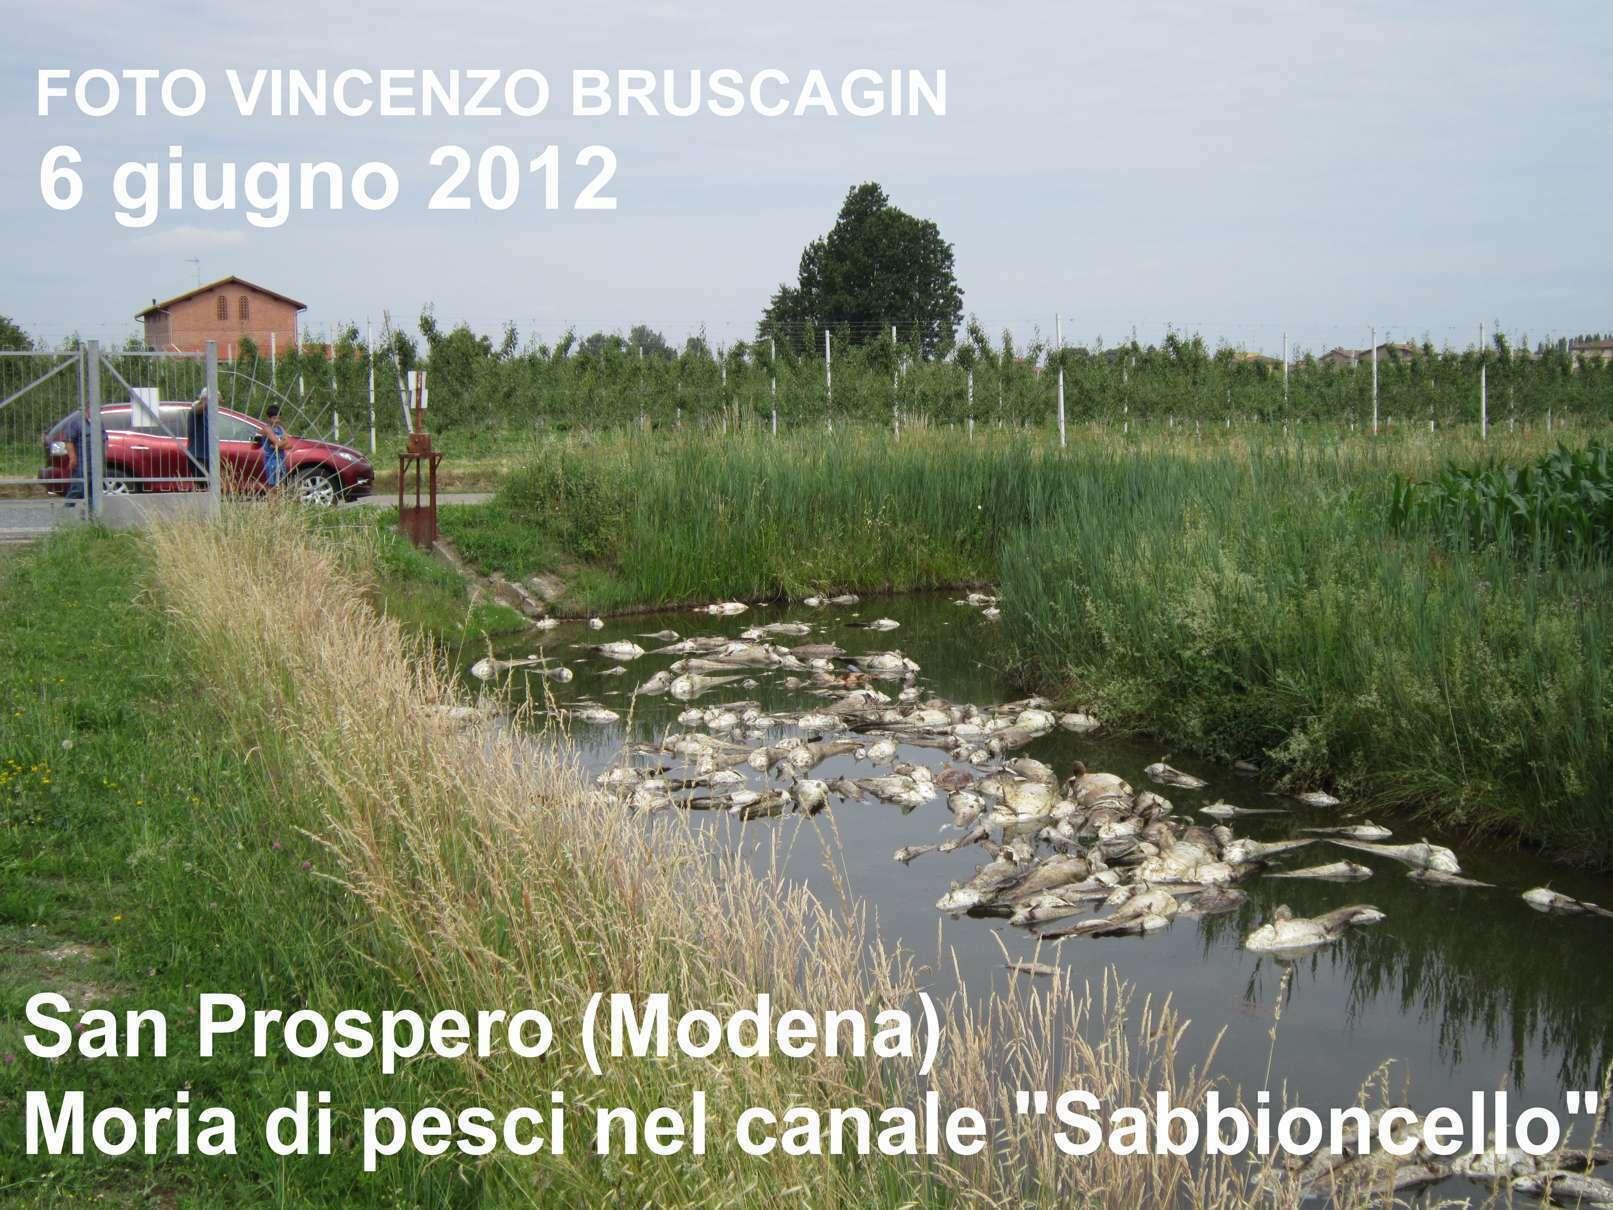 Morìa Di Pesci Nelle Zone Terremotate Dell'Emilia Romagna: Le Foto #496030 1613 1210 Foto Di Mobili Per Cucina